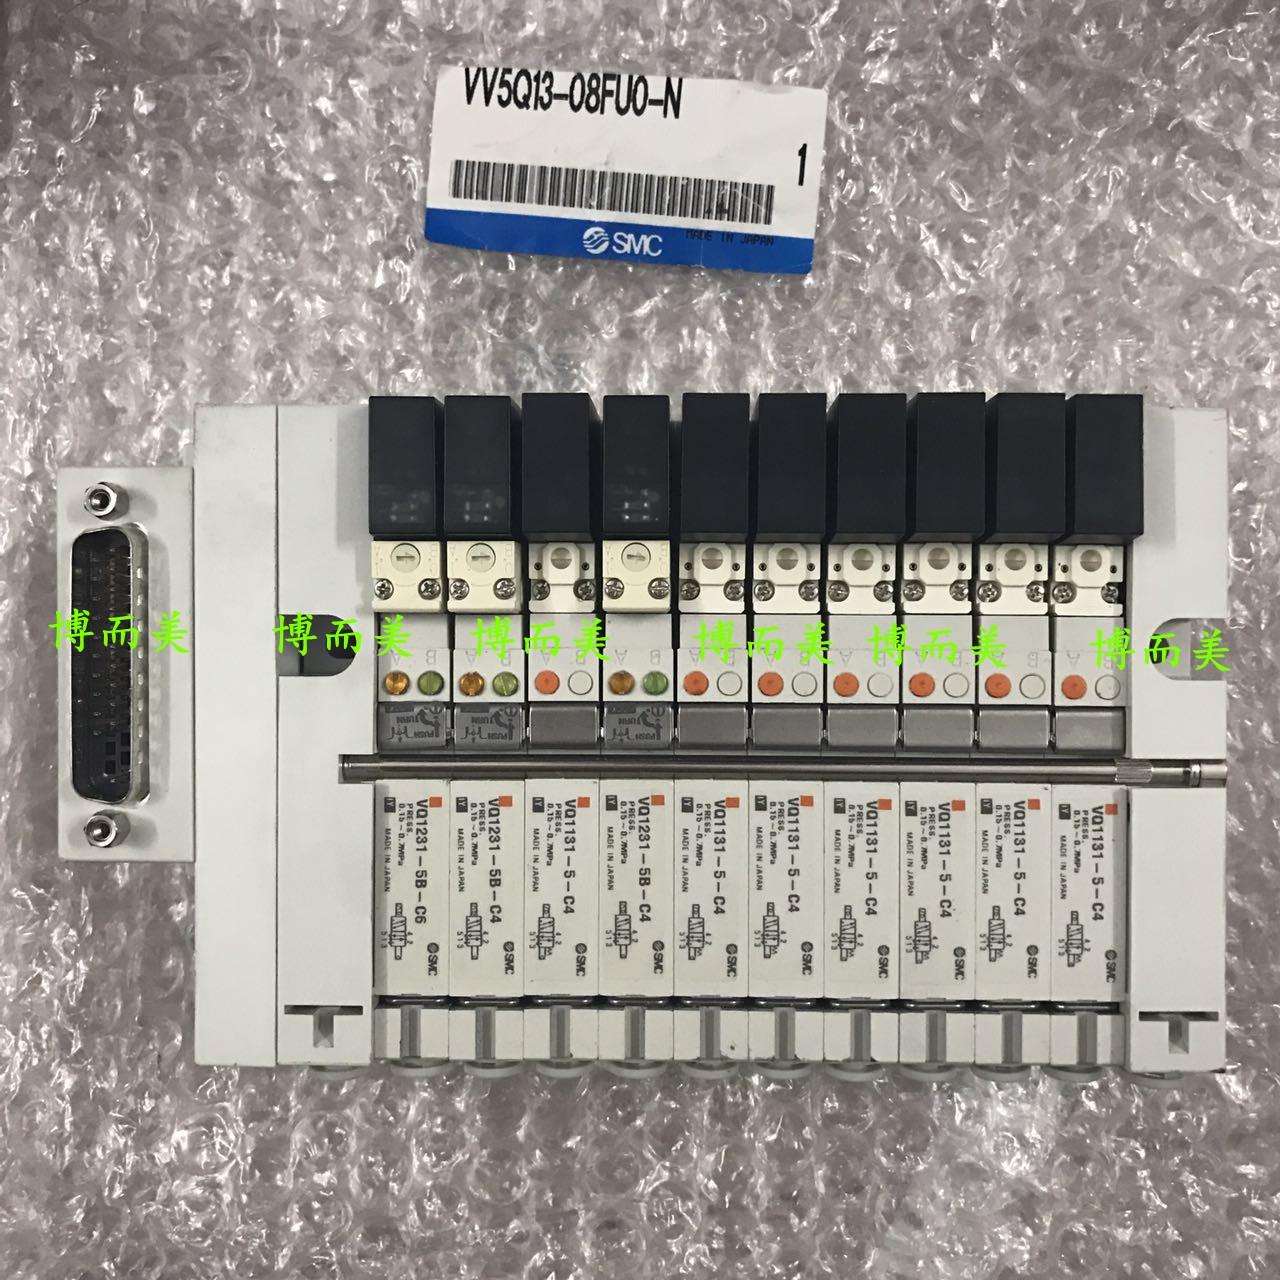 SX3520-5HZ-C4 SX3520-5LOZD-C6 SX3520-5LOZ-M5 SX3520-5LZ-C4